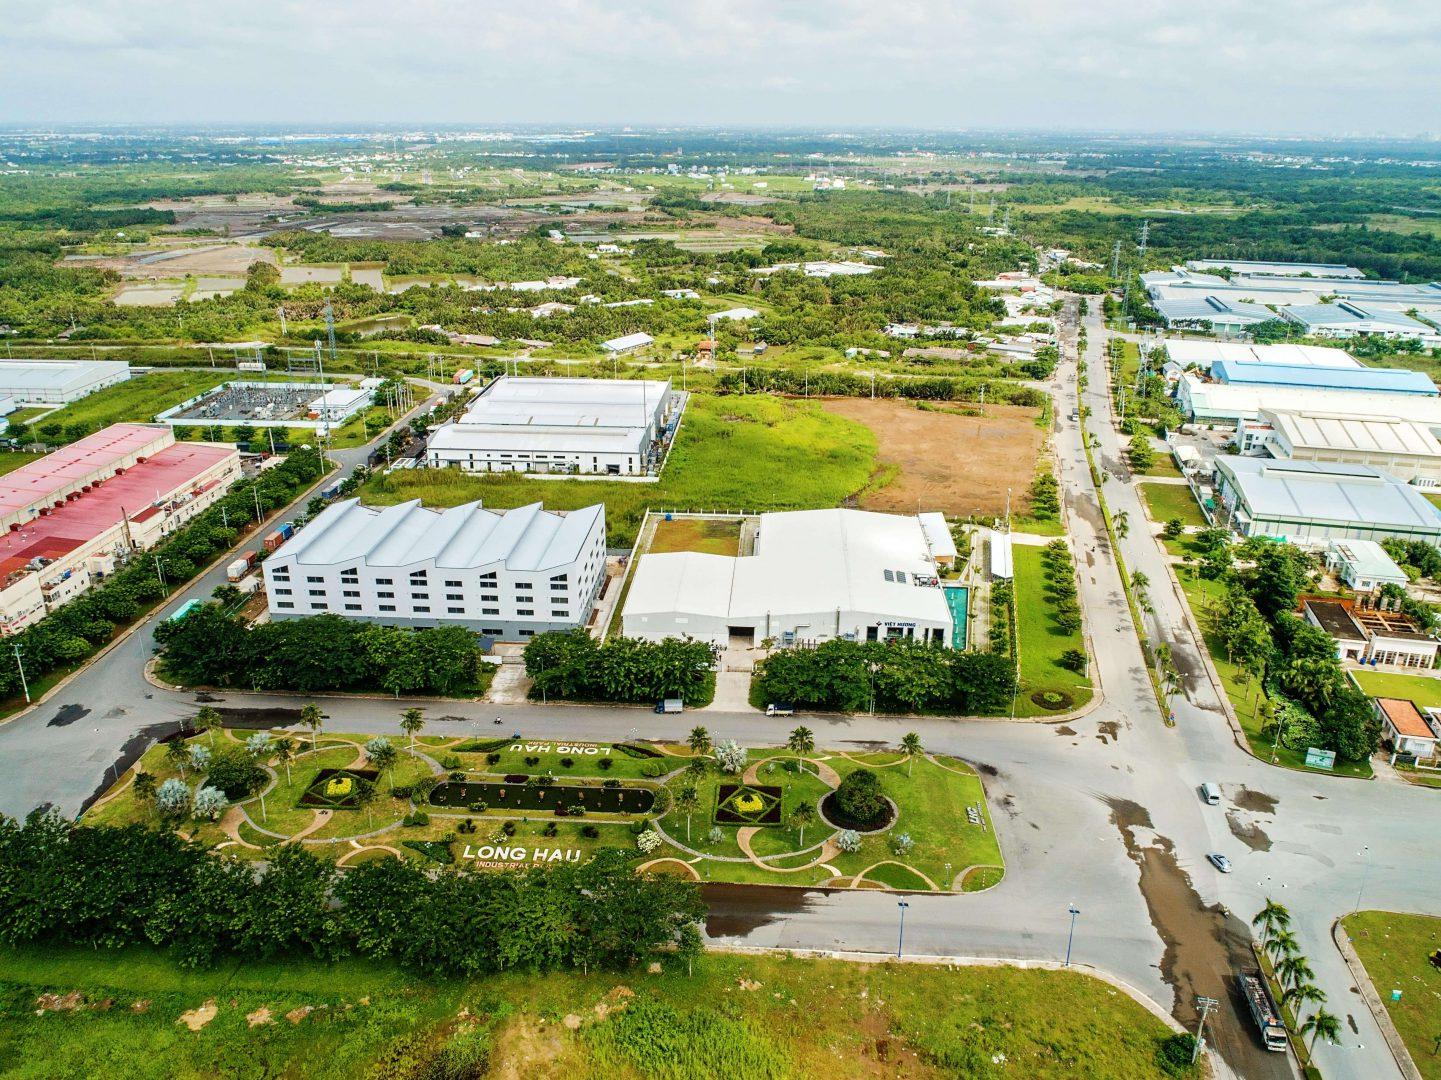 nhà máy hương liệu Việt Hương nhìn từ trên cao